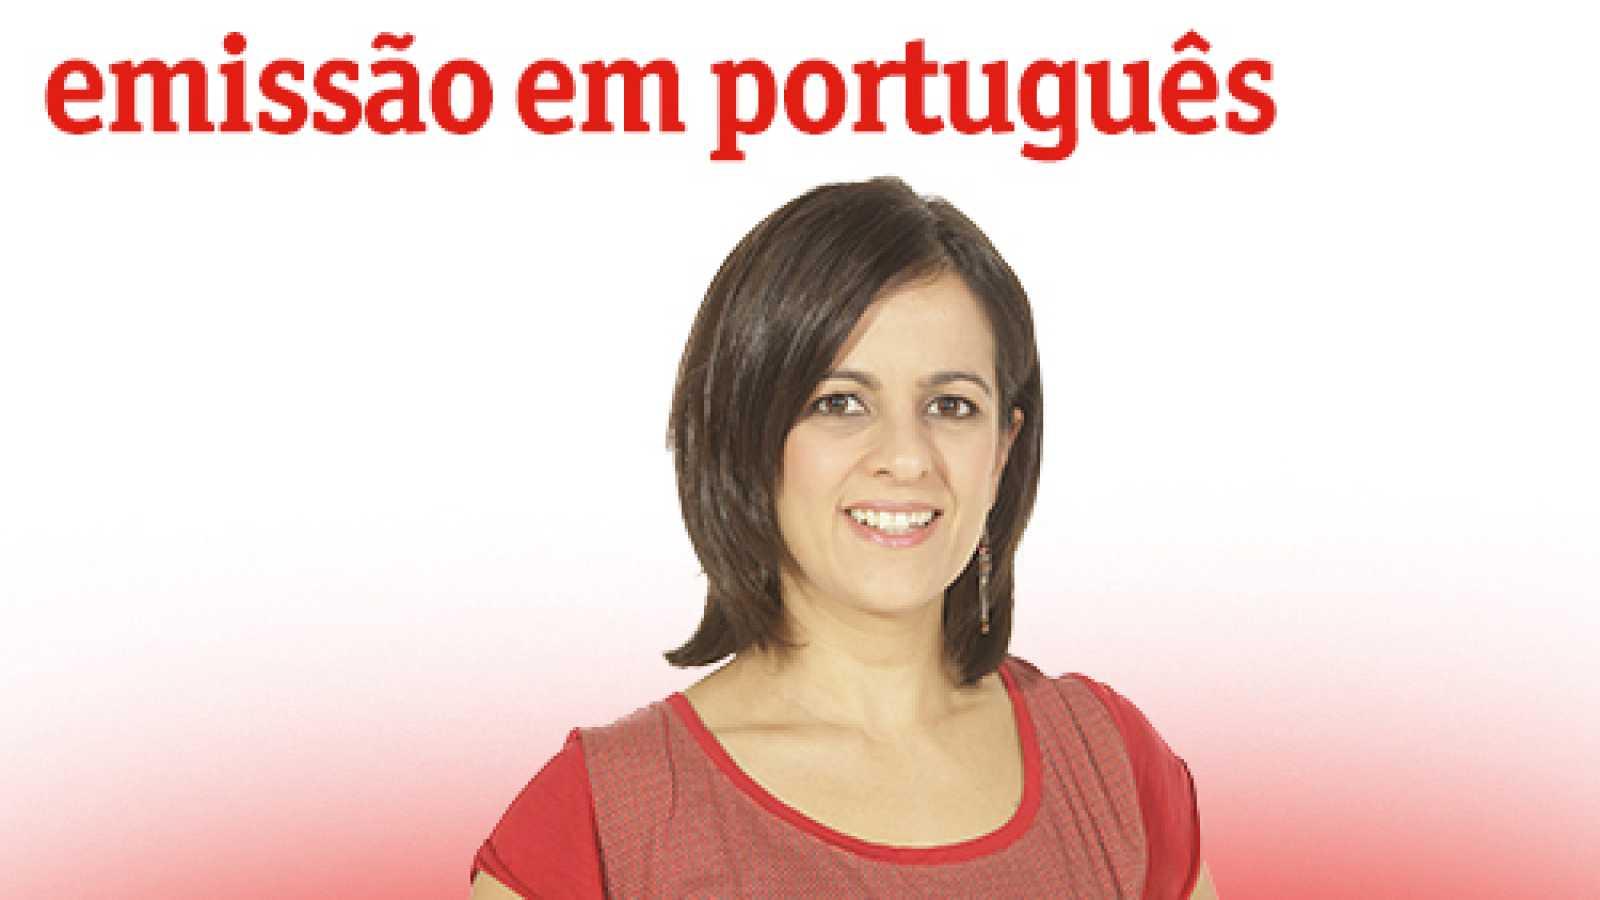 Emissão em português - Crime reacende discussão sobre racismo no Brasil - 24/11/20 - escuchar ahora